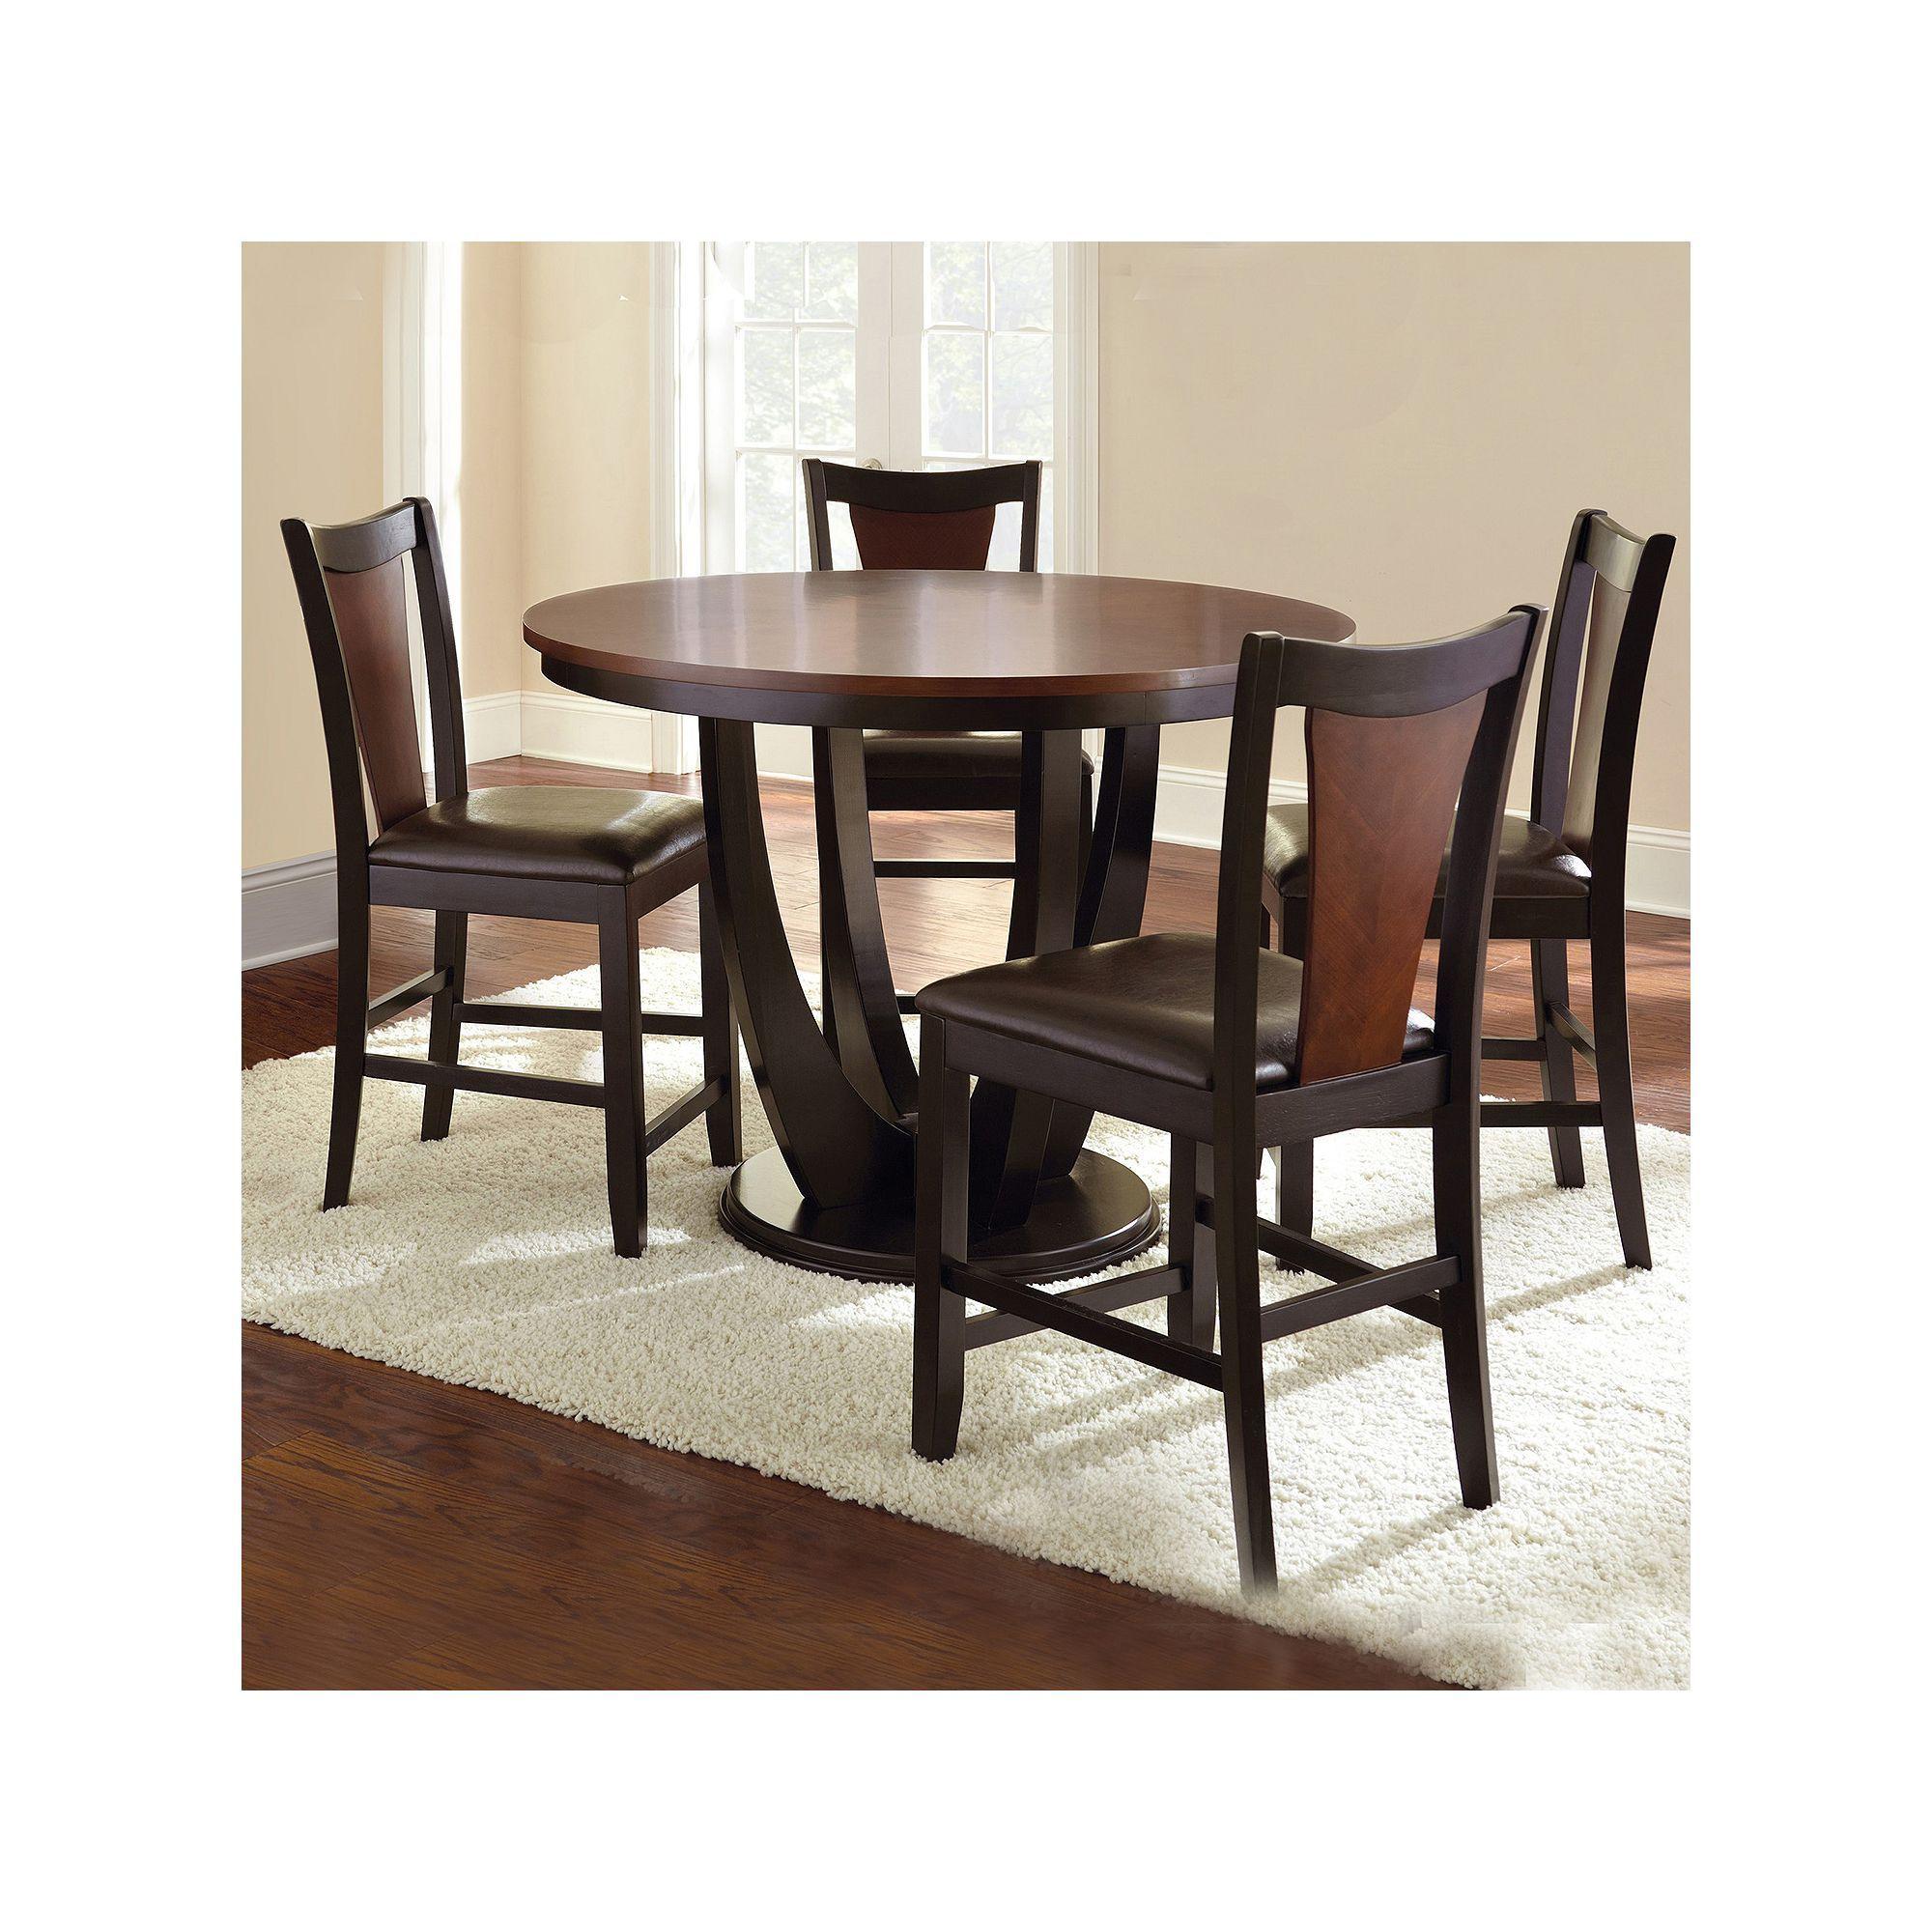 Branton Home Oakton Counter Dining 5 Piece Set Counter Height